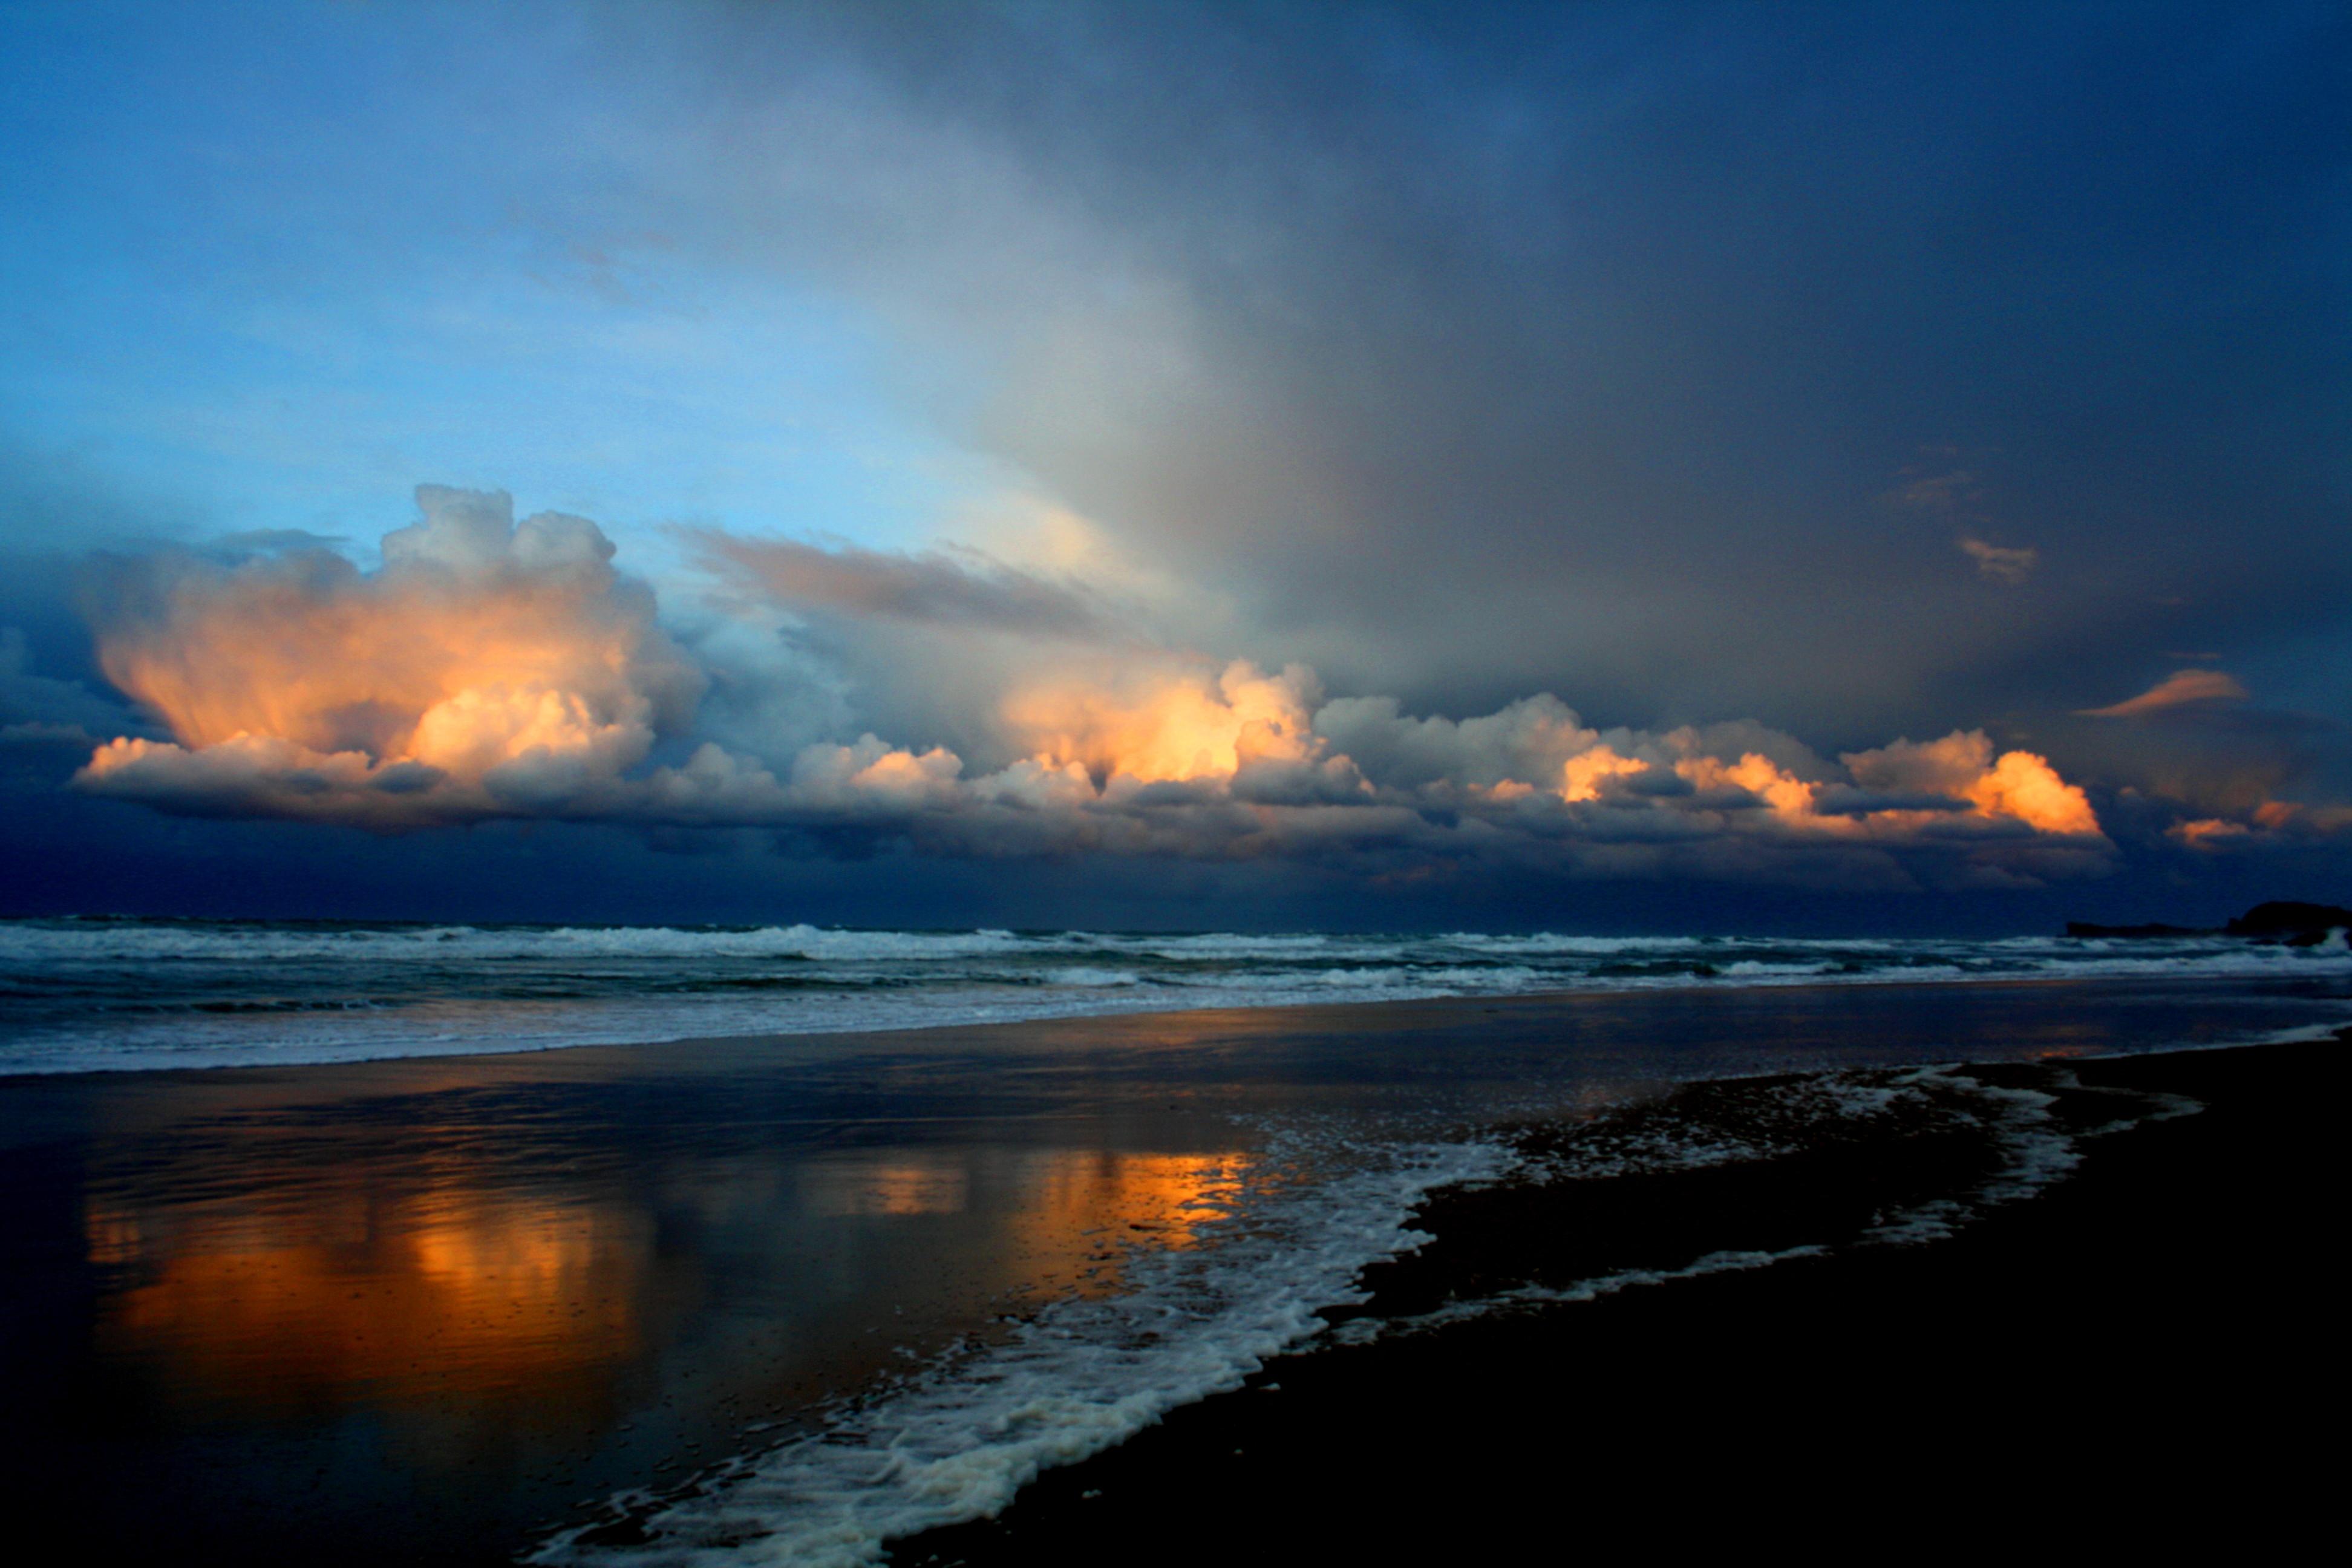 Parejas Pilladas En La Playa De Noche Por Mirones Free